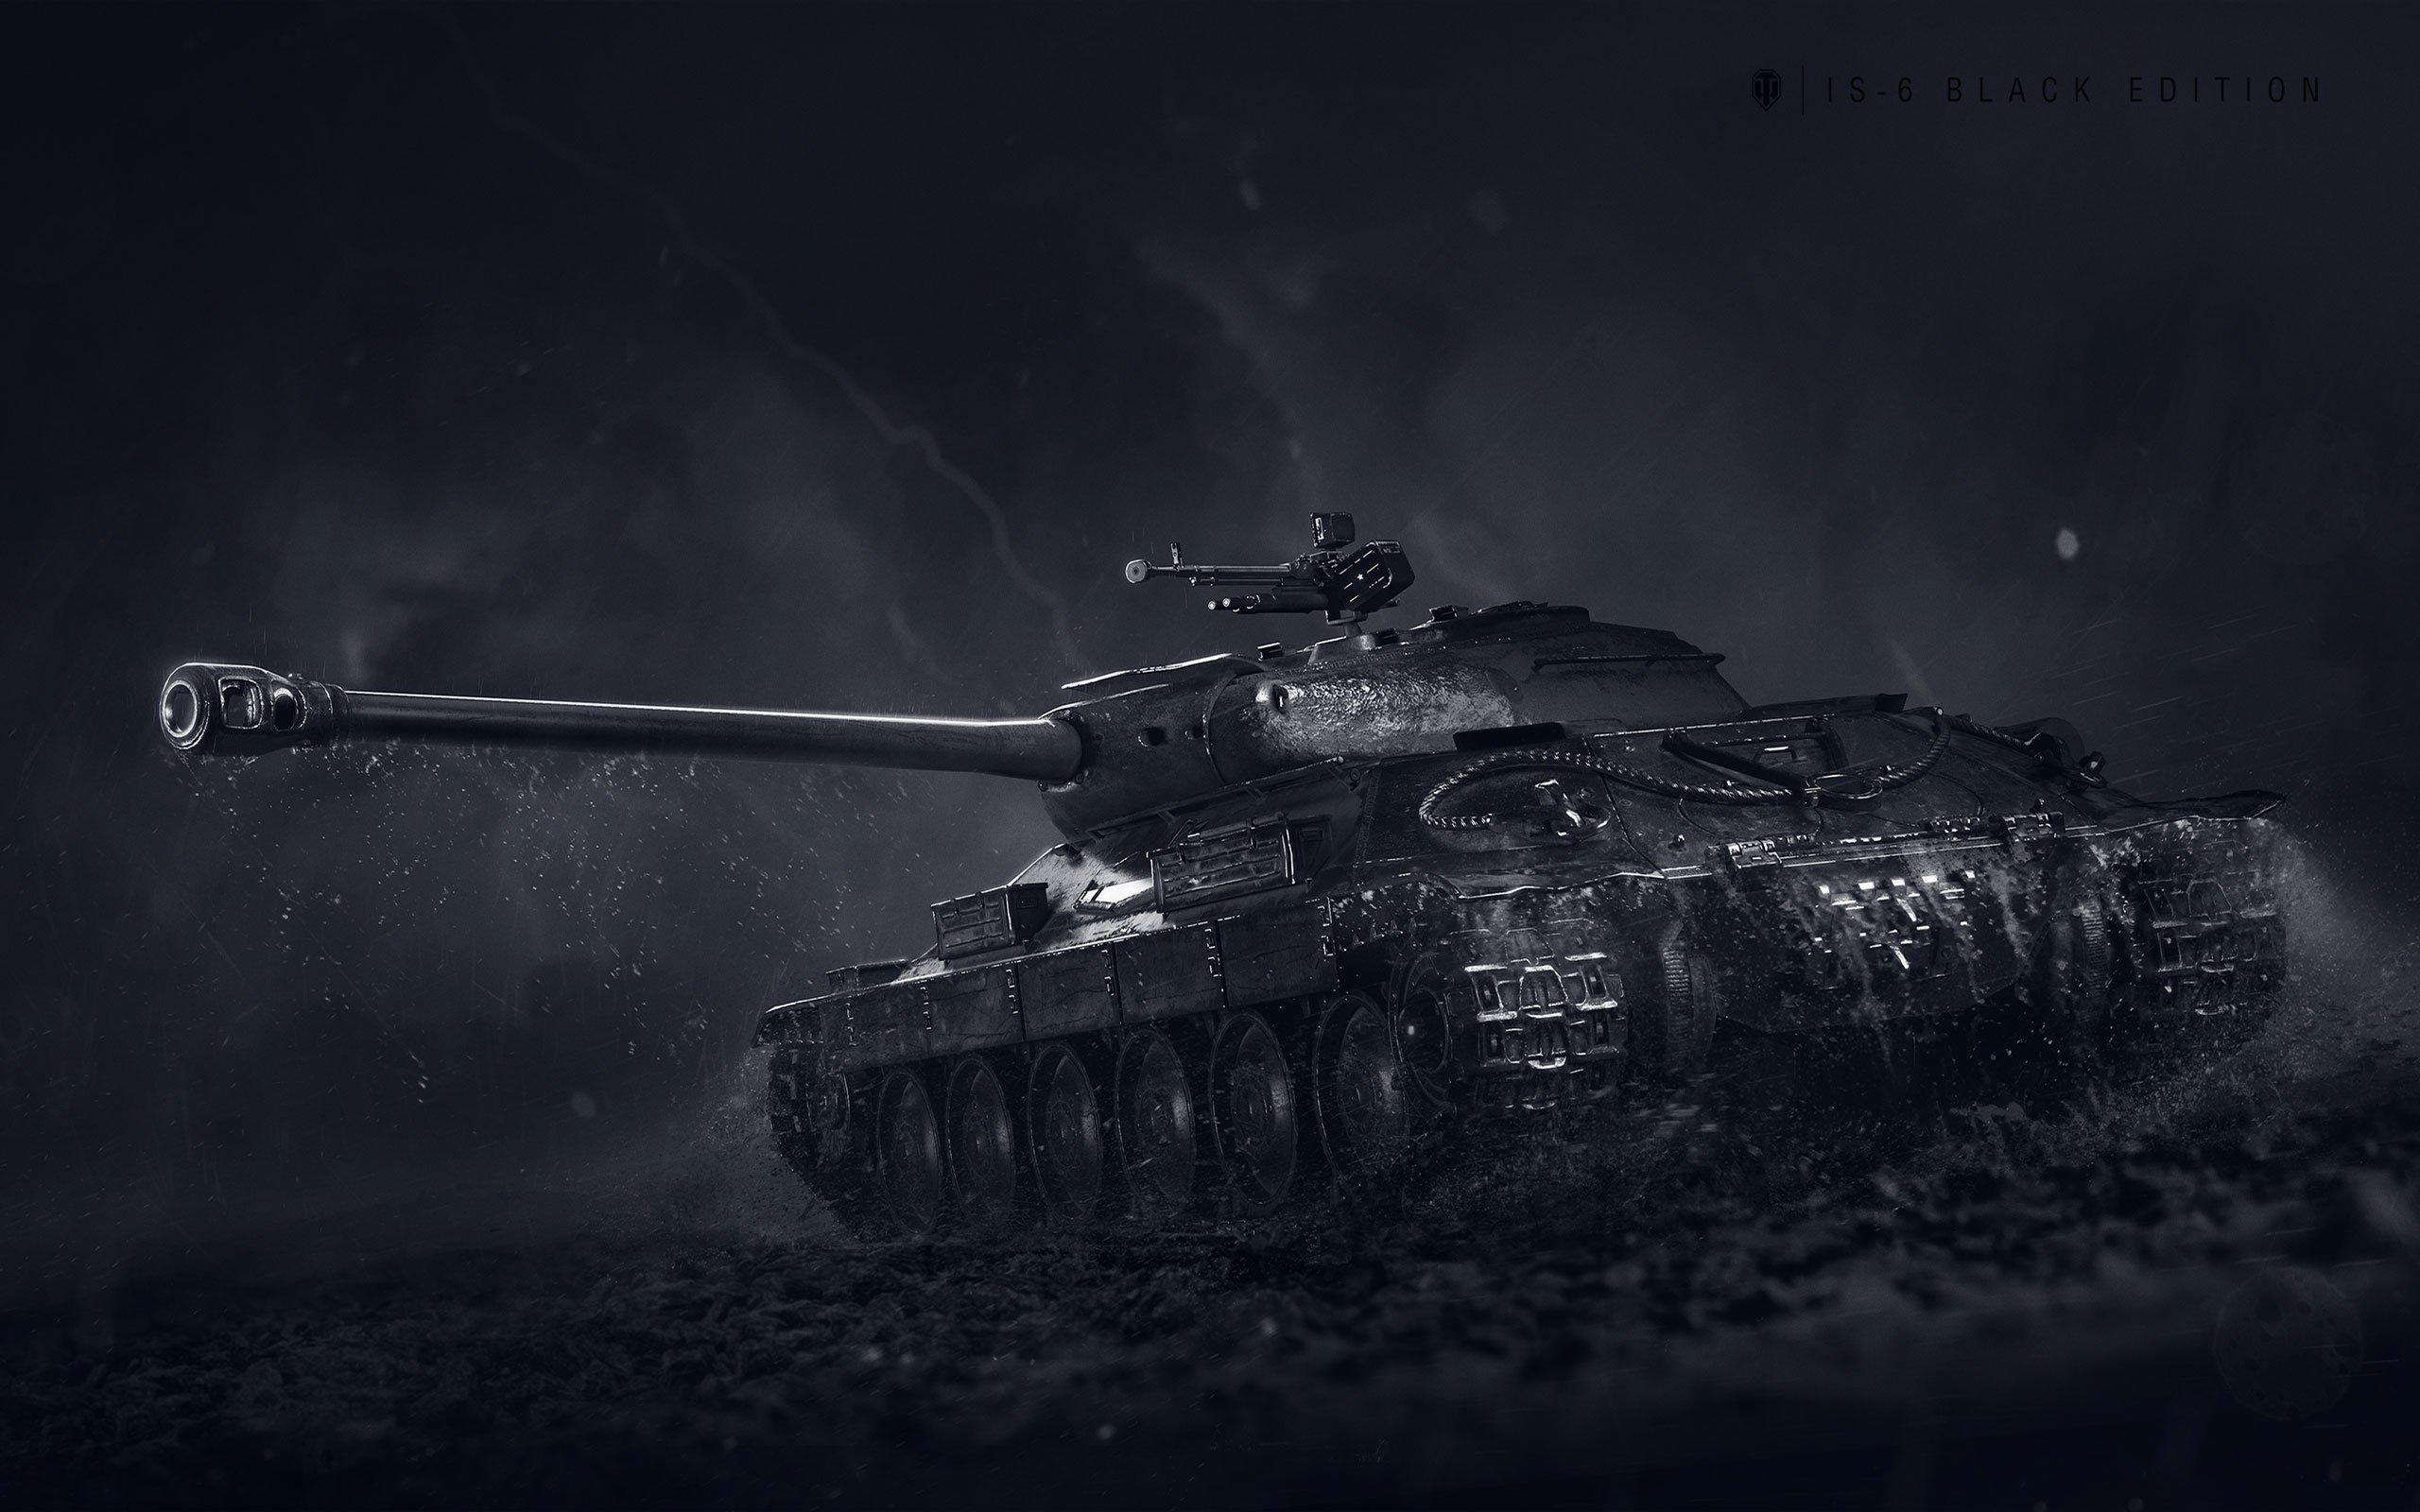 Это 6 черный издание мира танков. обои скачать